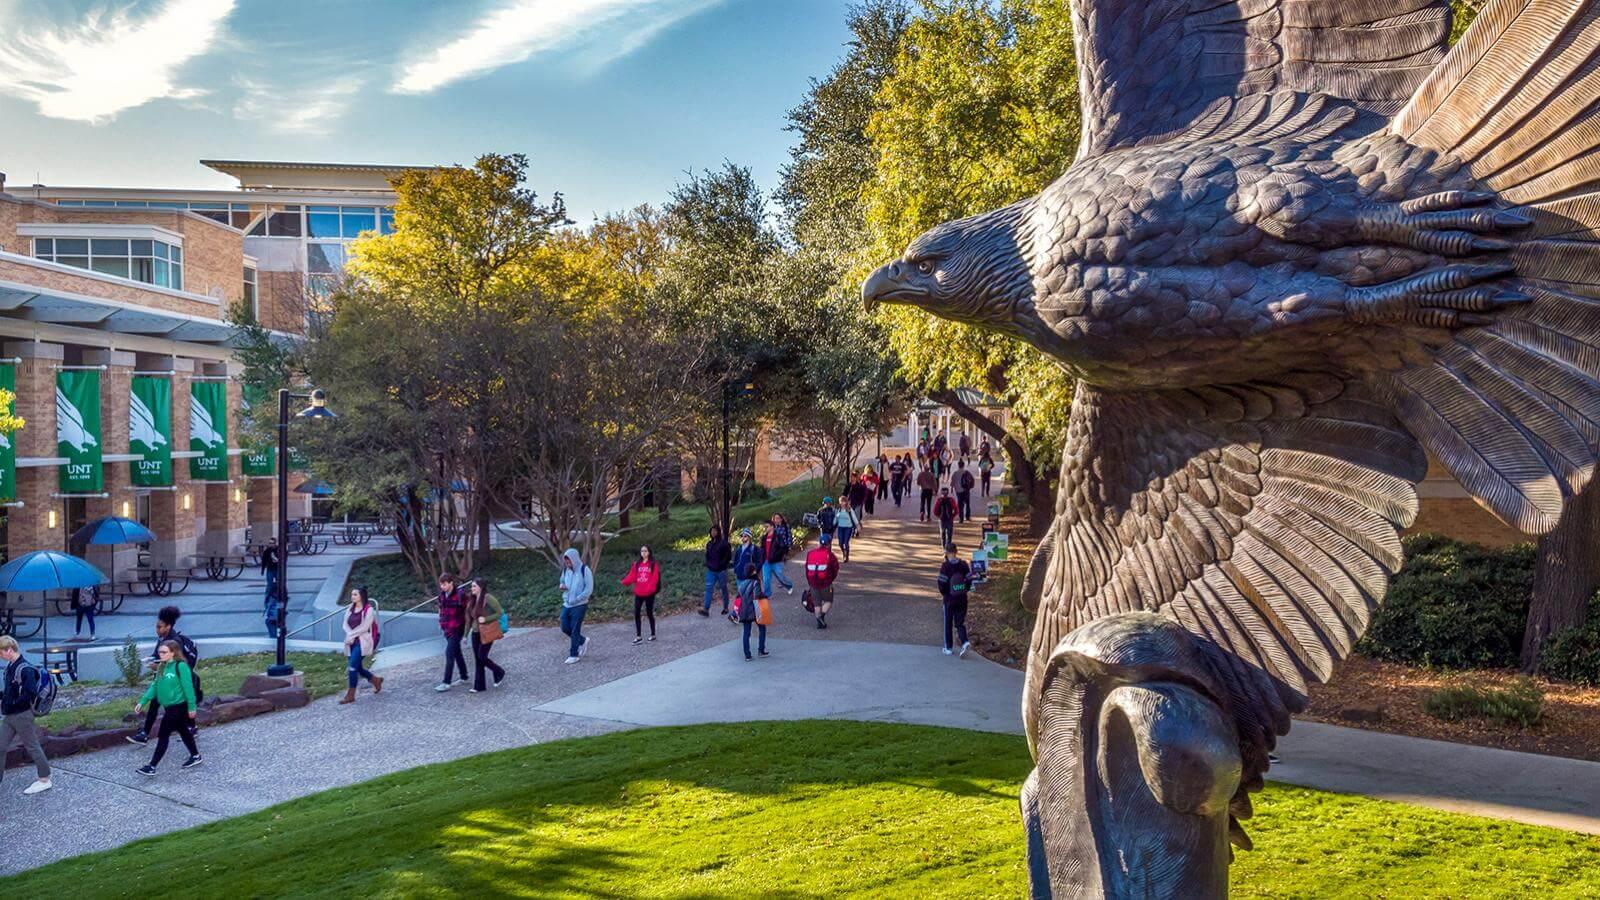 Đại học North Texas (UNT) thành lập vào năm 1890